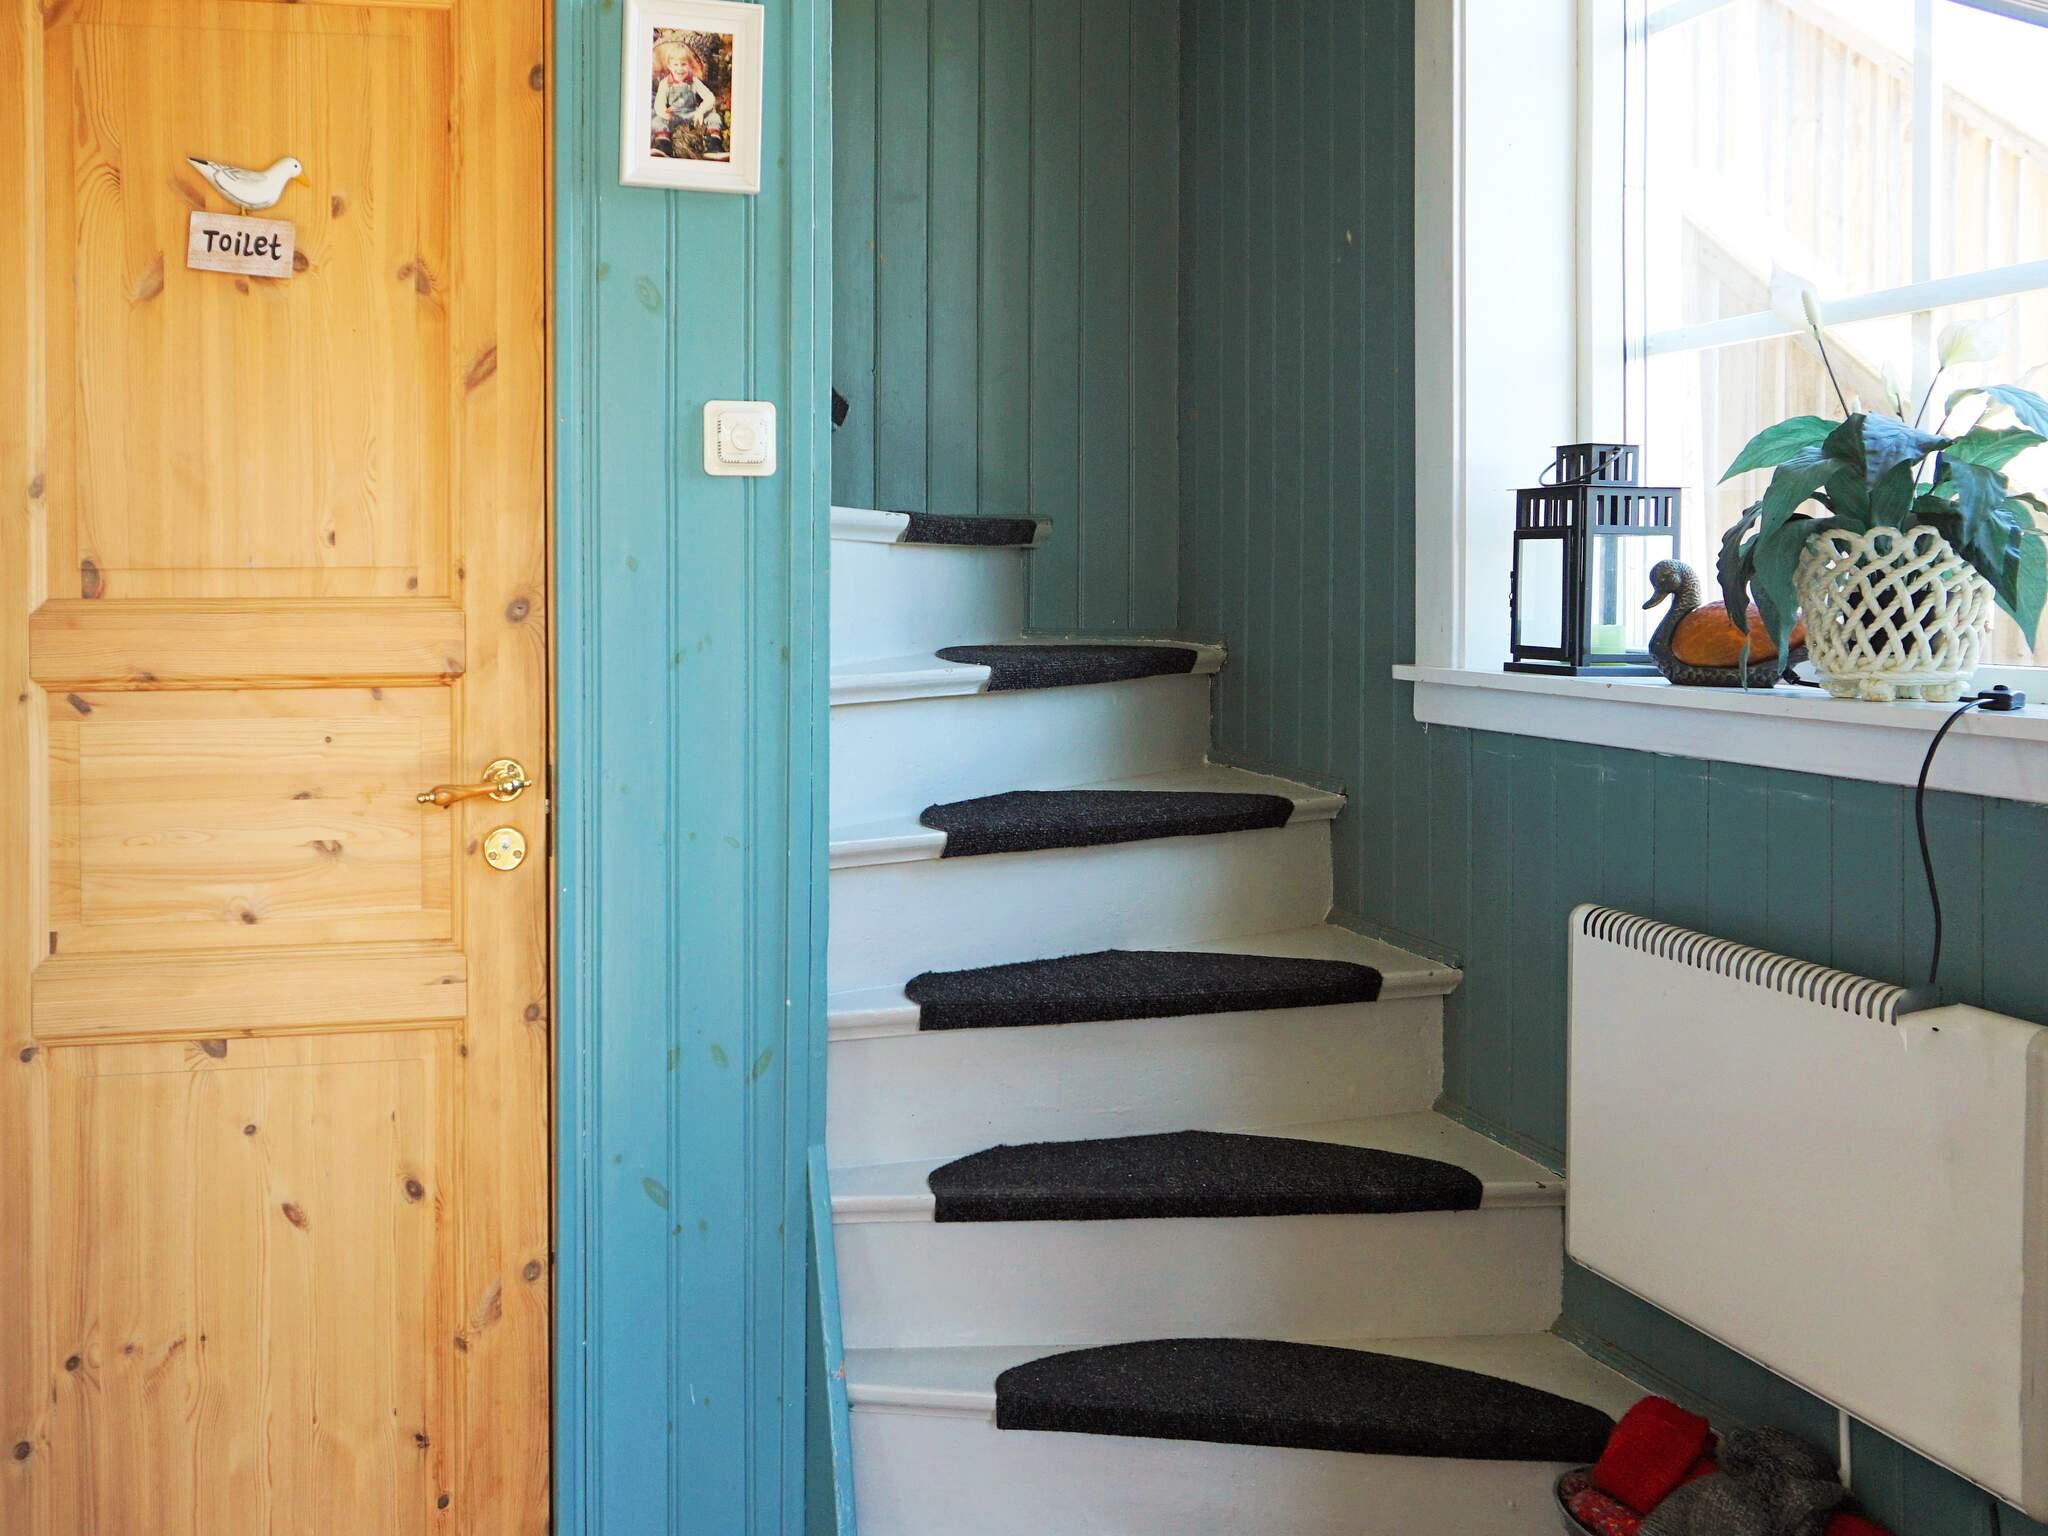 Ferienhaus Göteborgs Skärgård (2626803), Hälsö, Västra Götaland län, Westschweden, Schweden, Bild 11